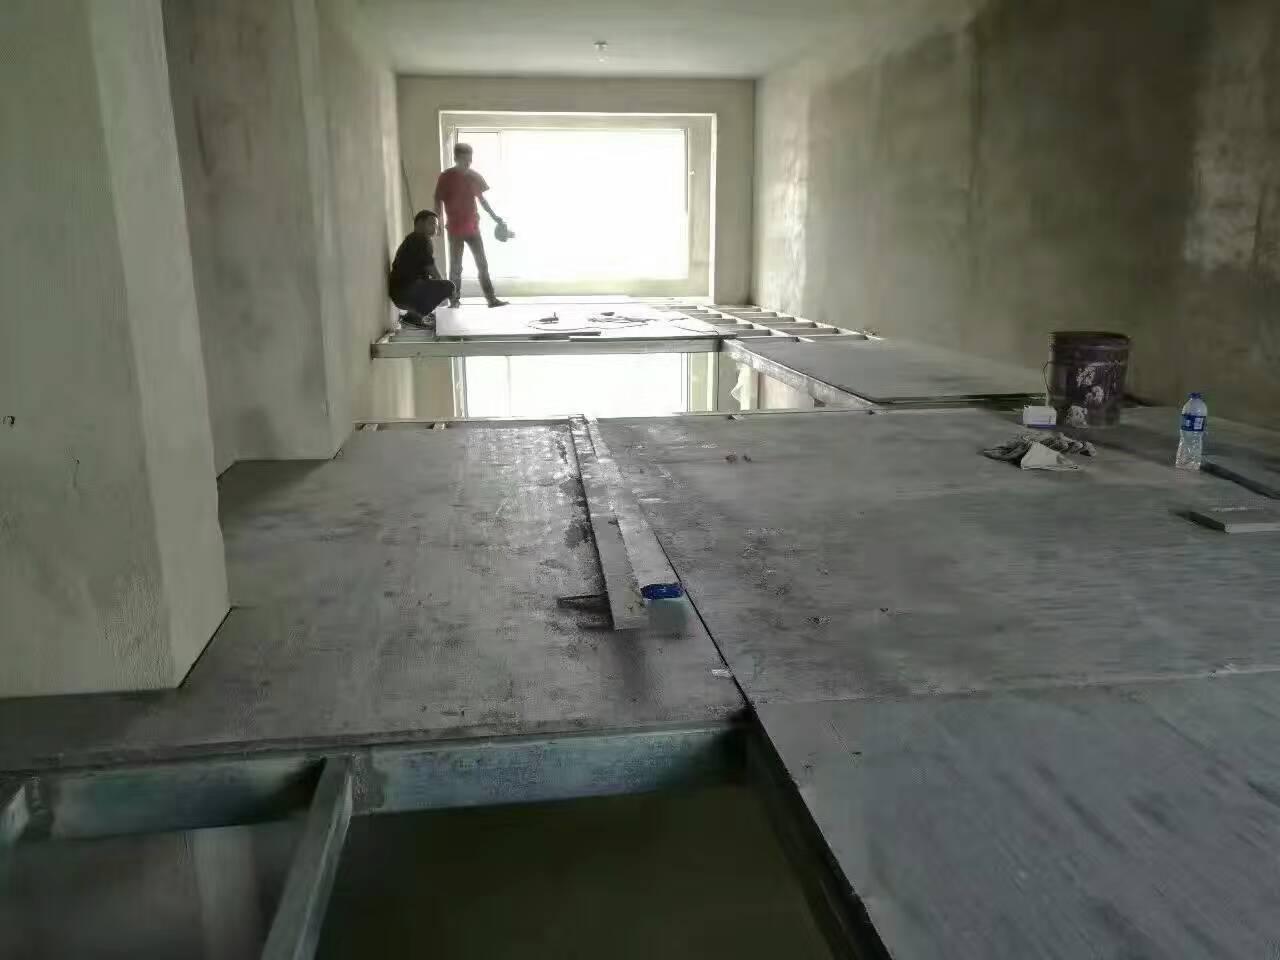 http://www.xiaoluxinxi.com/jiancaijiazhuang/653606.html